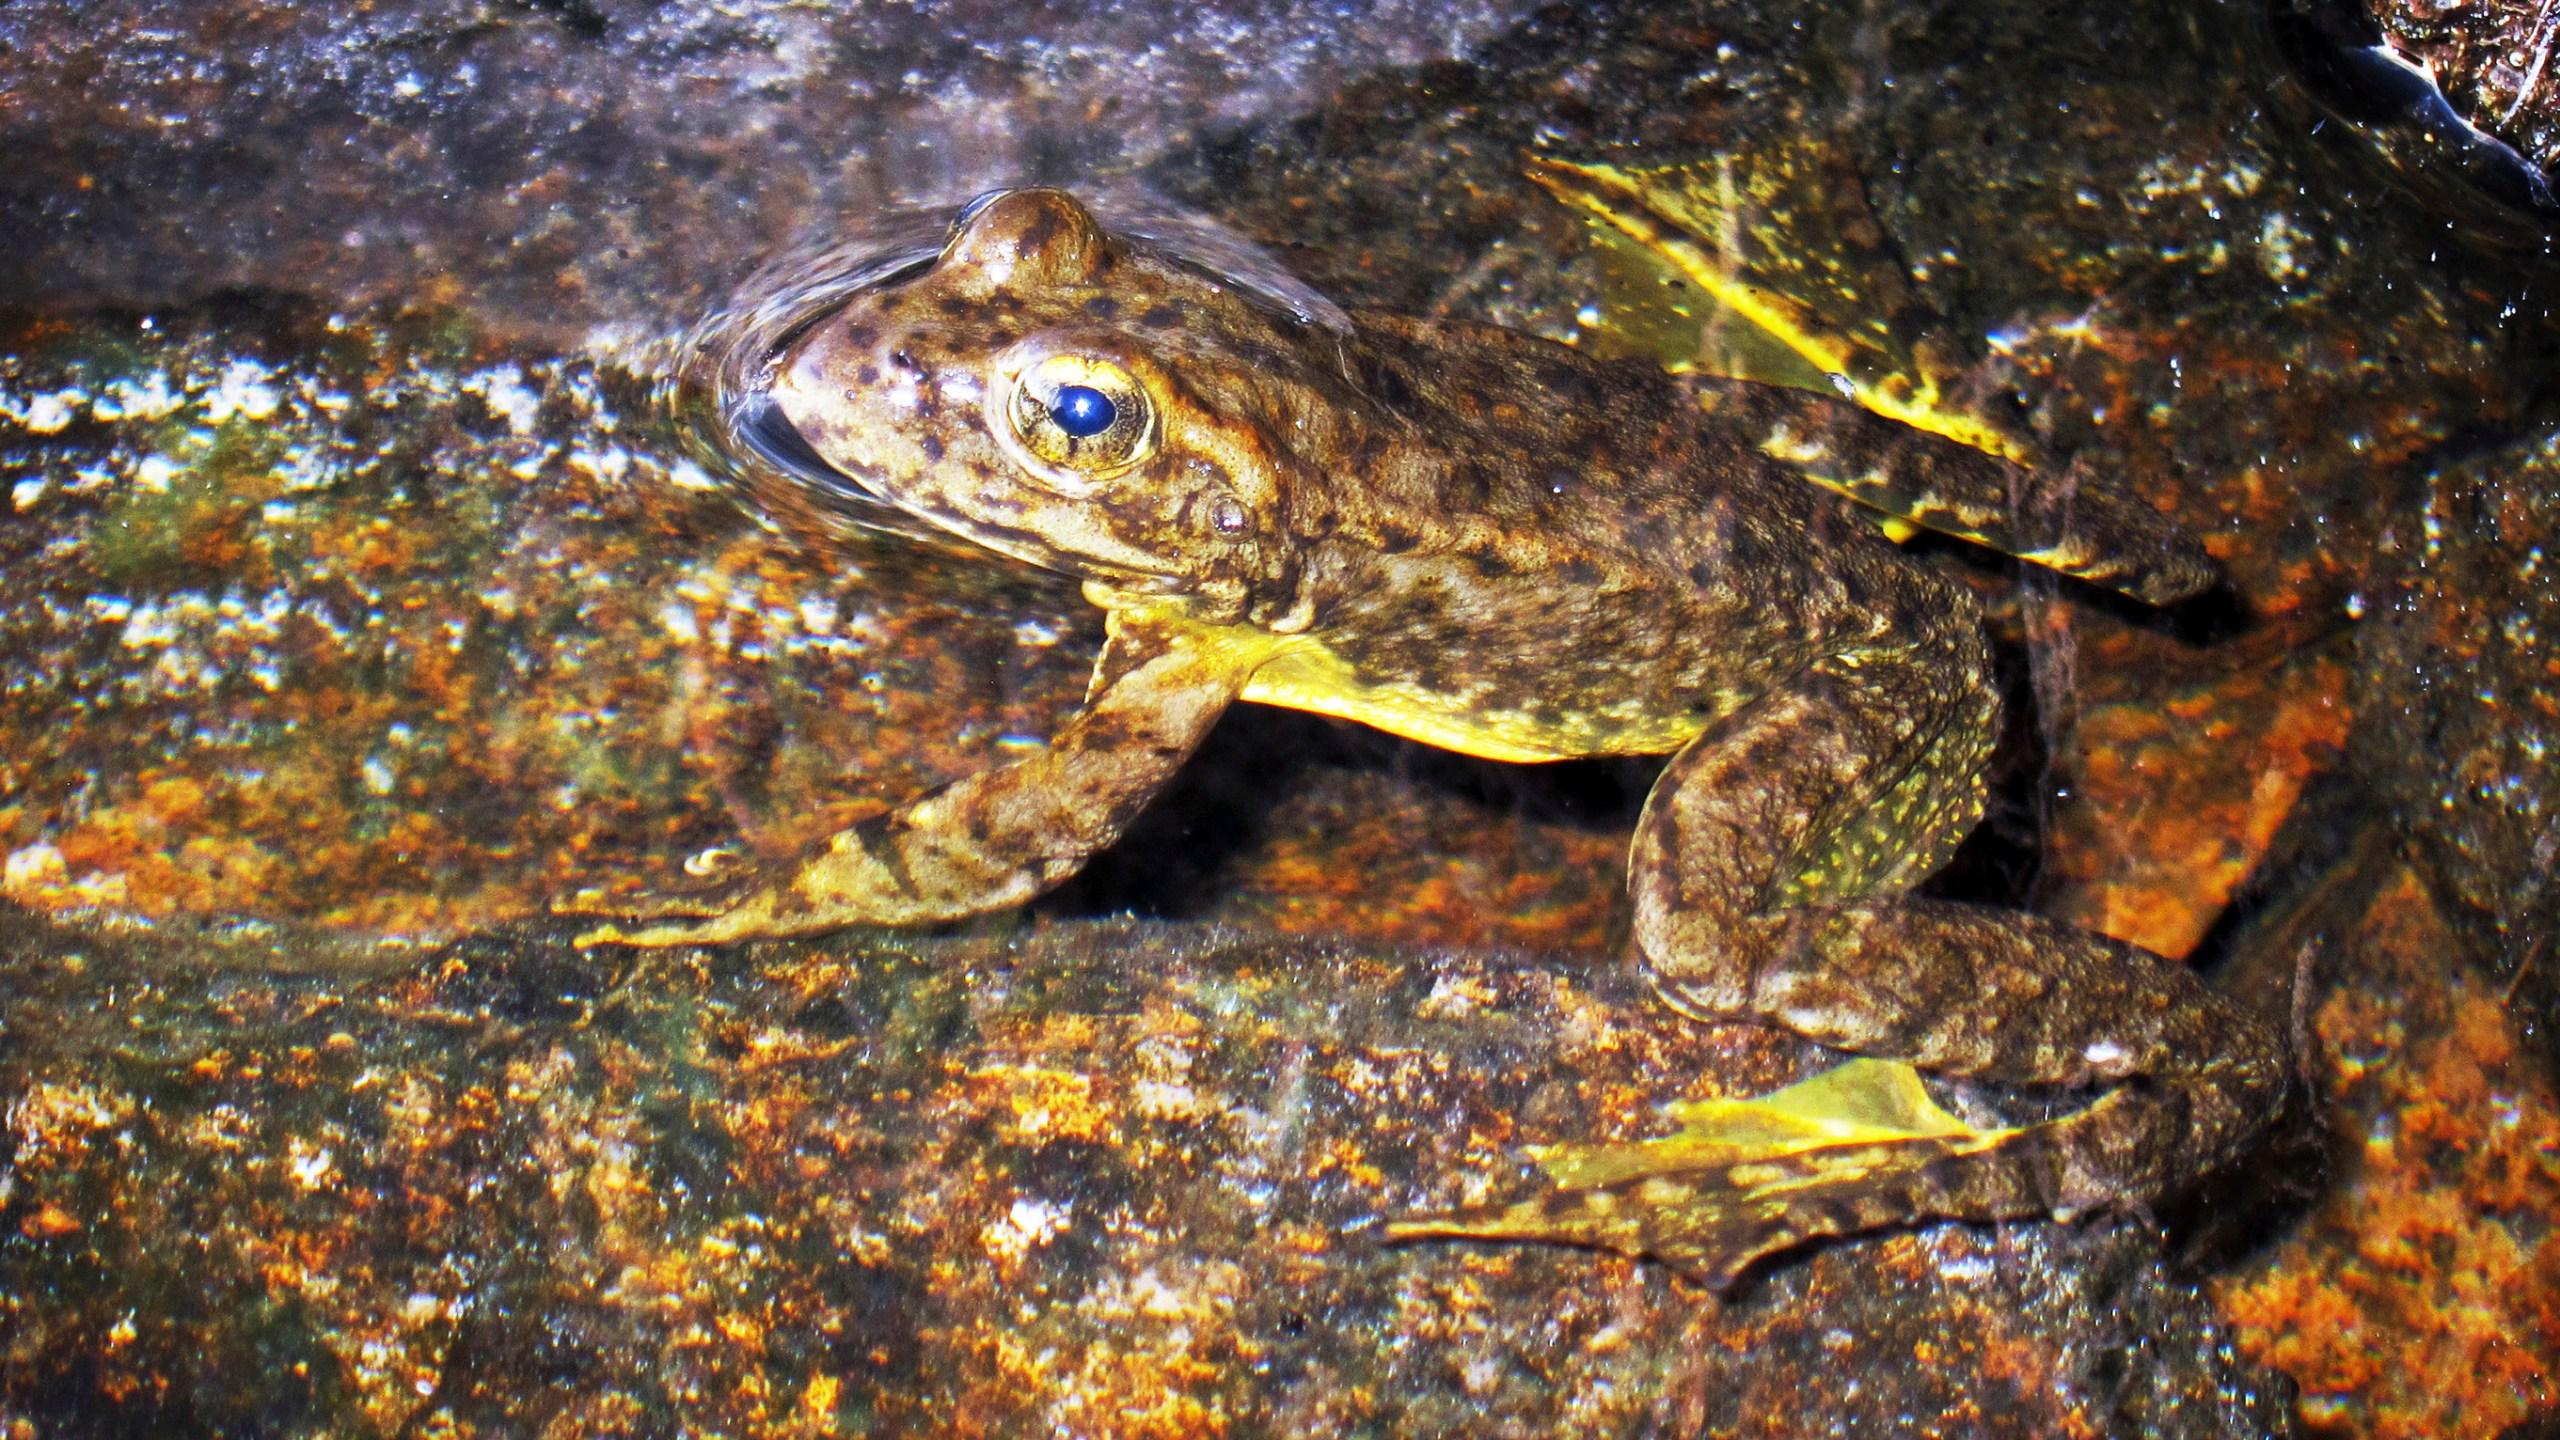 yellow-legged frog